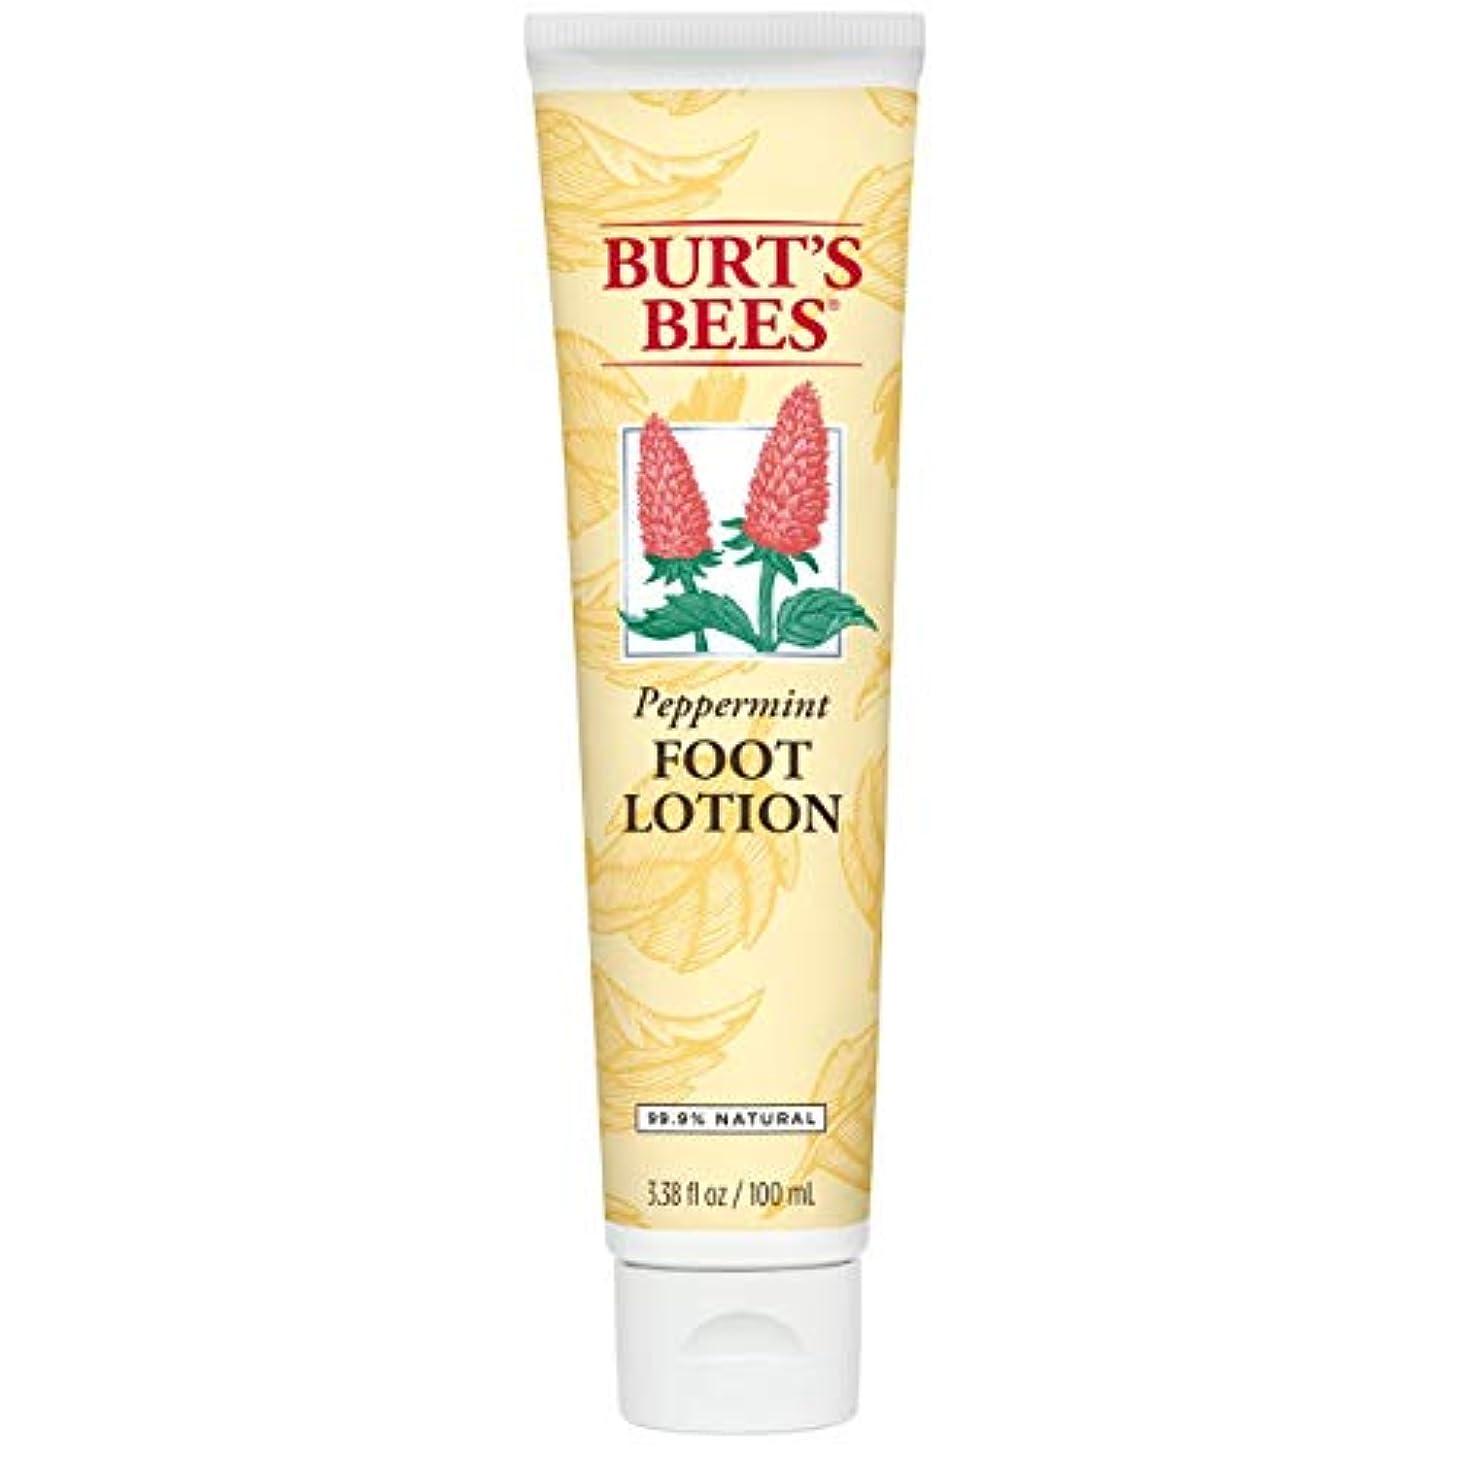 驚かす余剰腐敗バーツビーズ Burts Bees ペパーミント フィット ローション 100mL 【並行輸入品】